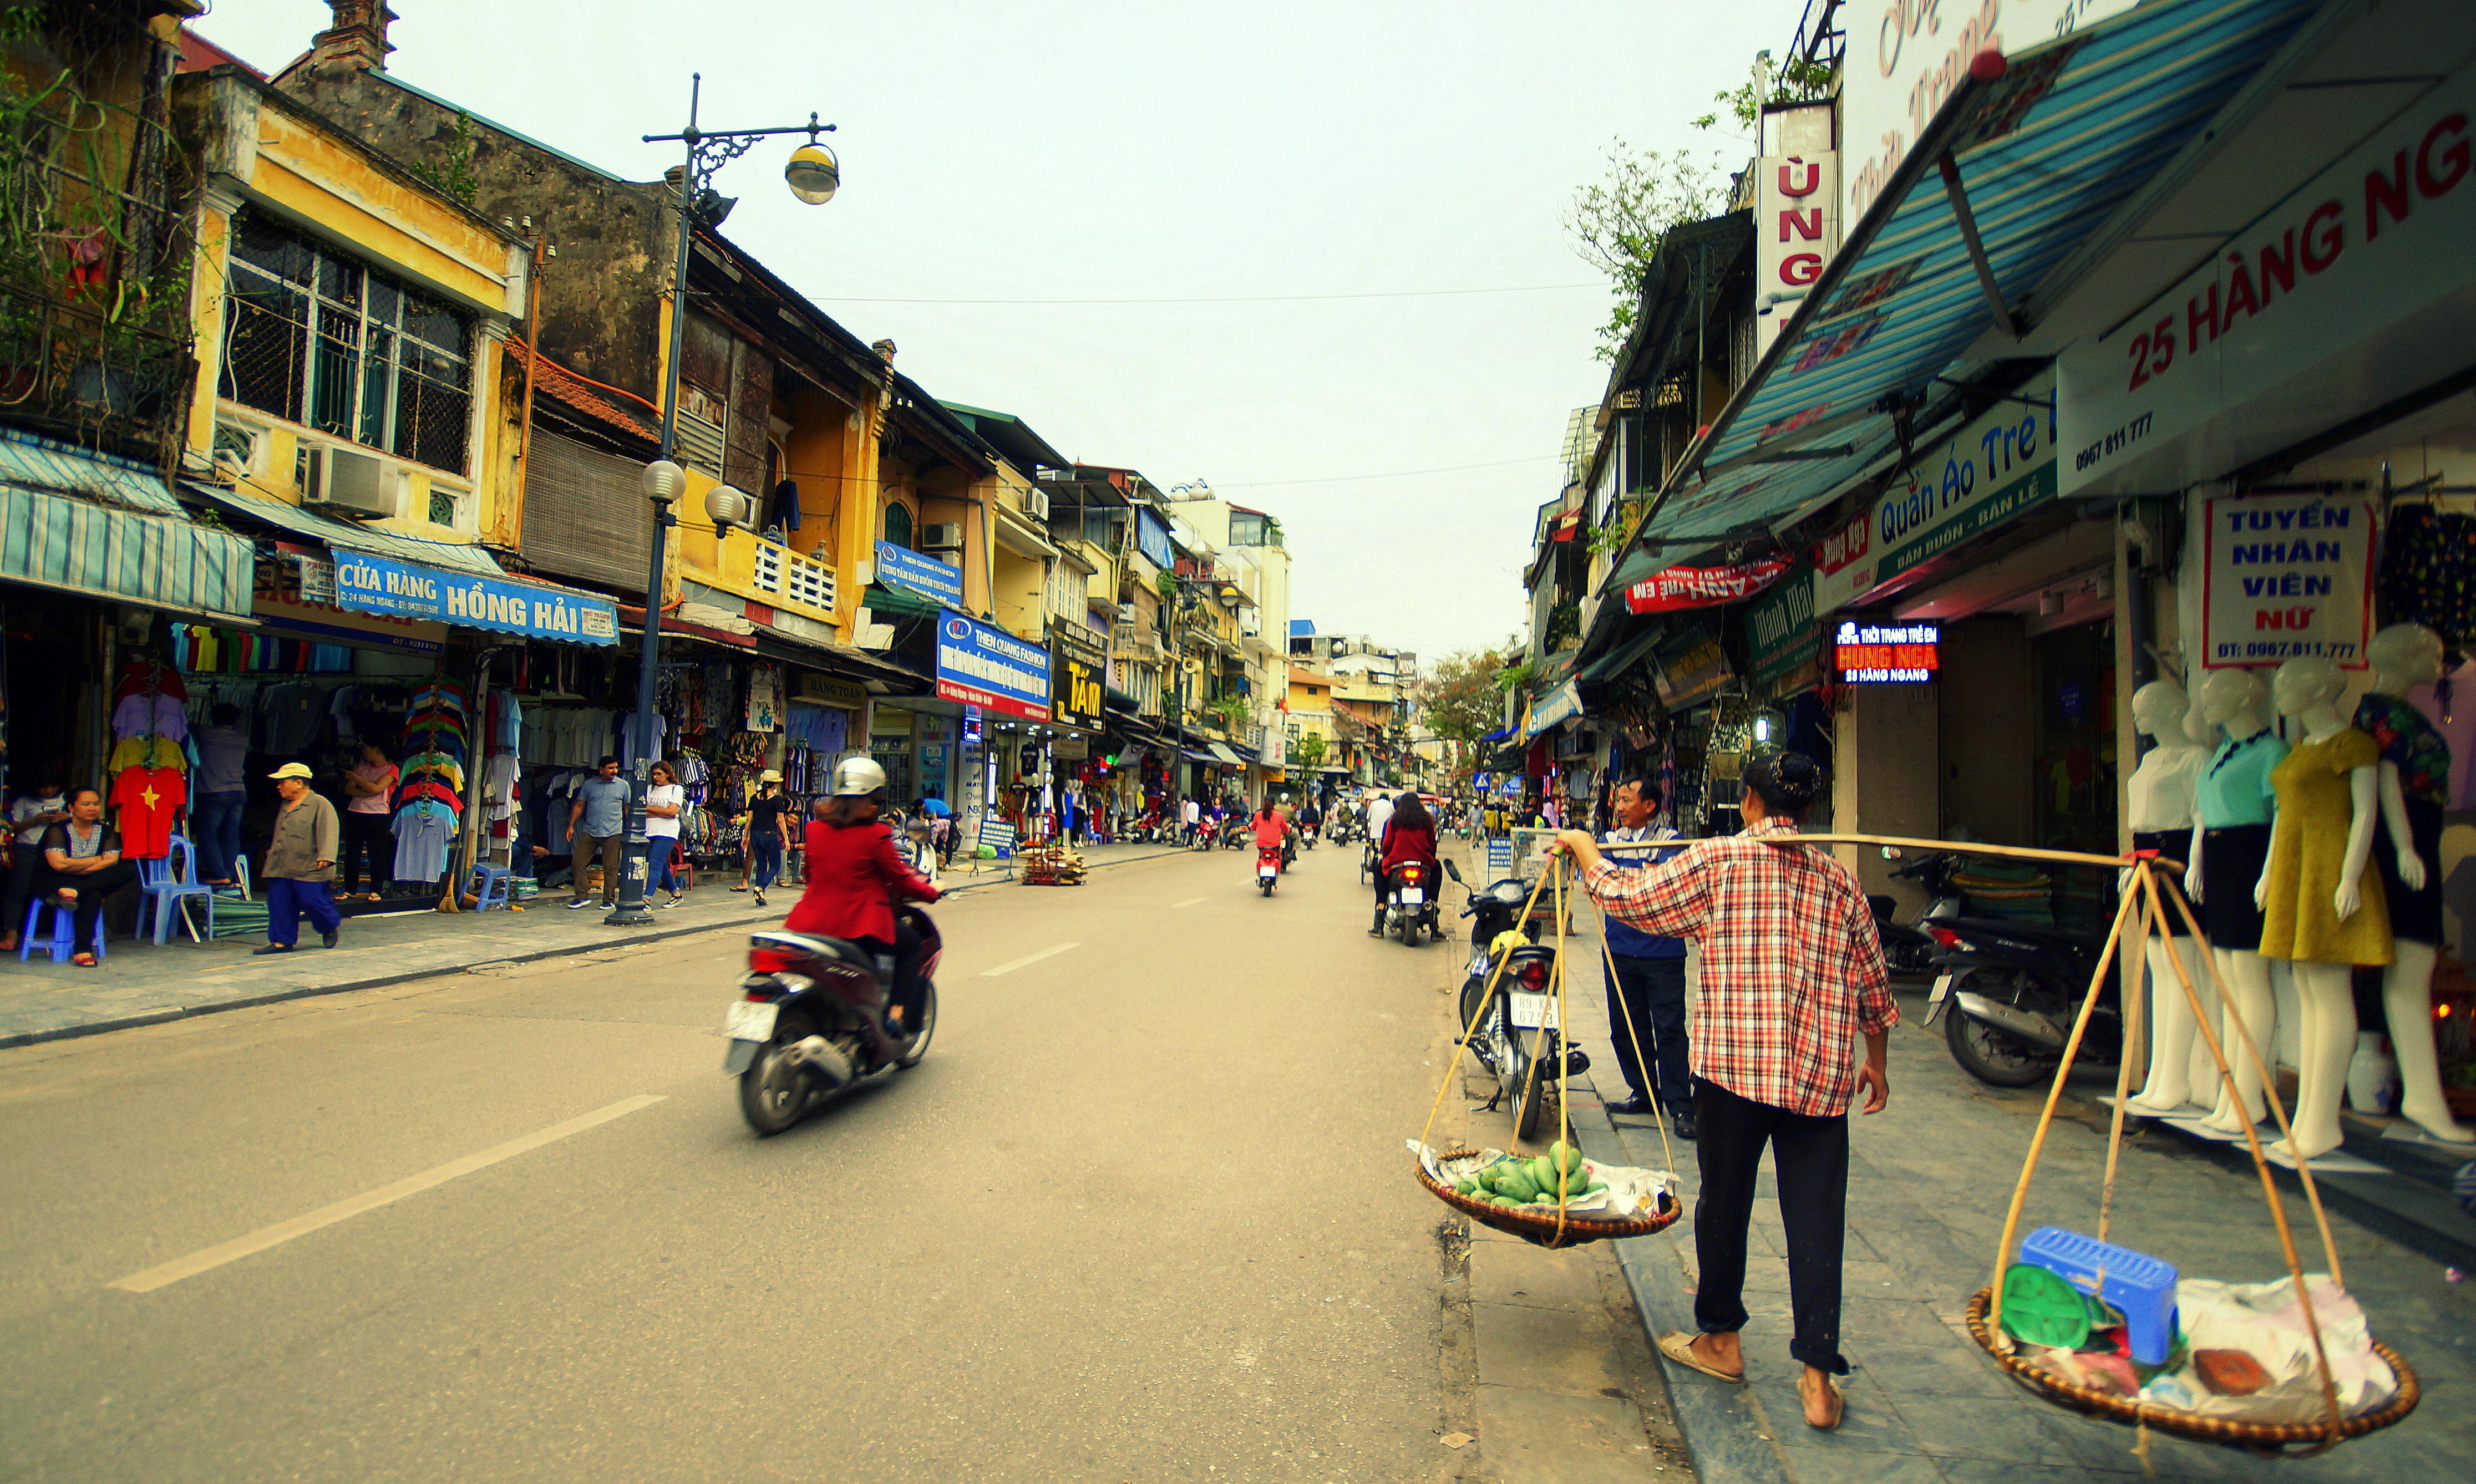 Hanoi - Nachtleben und Sightseeing: Ein Wochenende im Old Quarter Hanoi